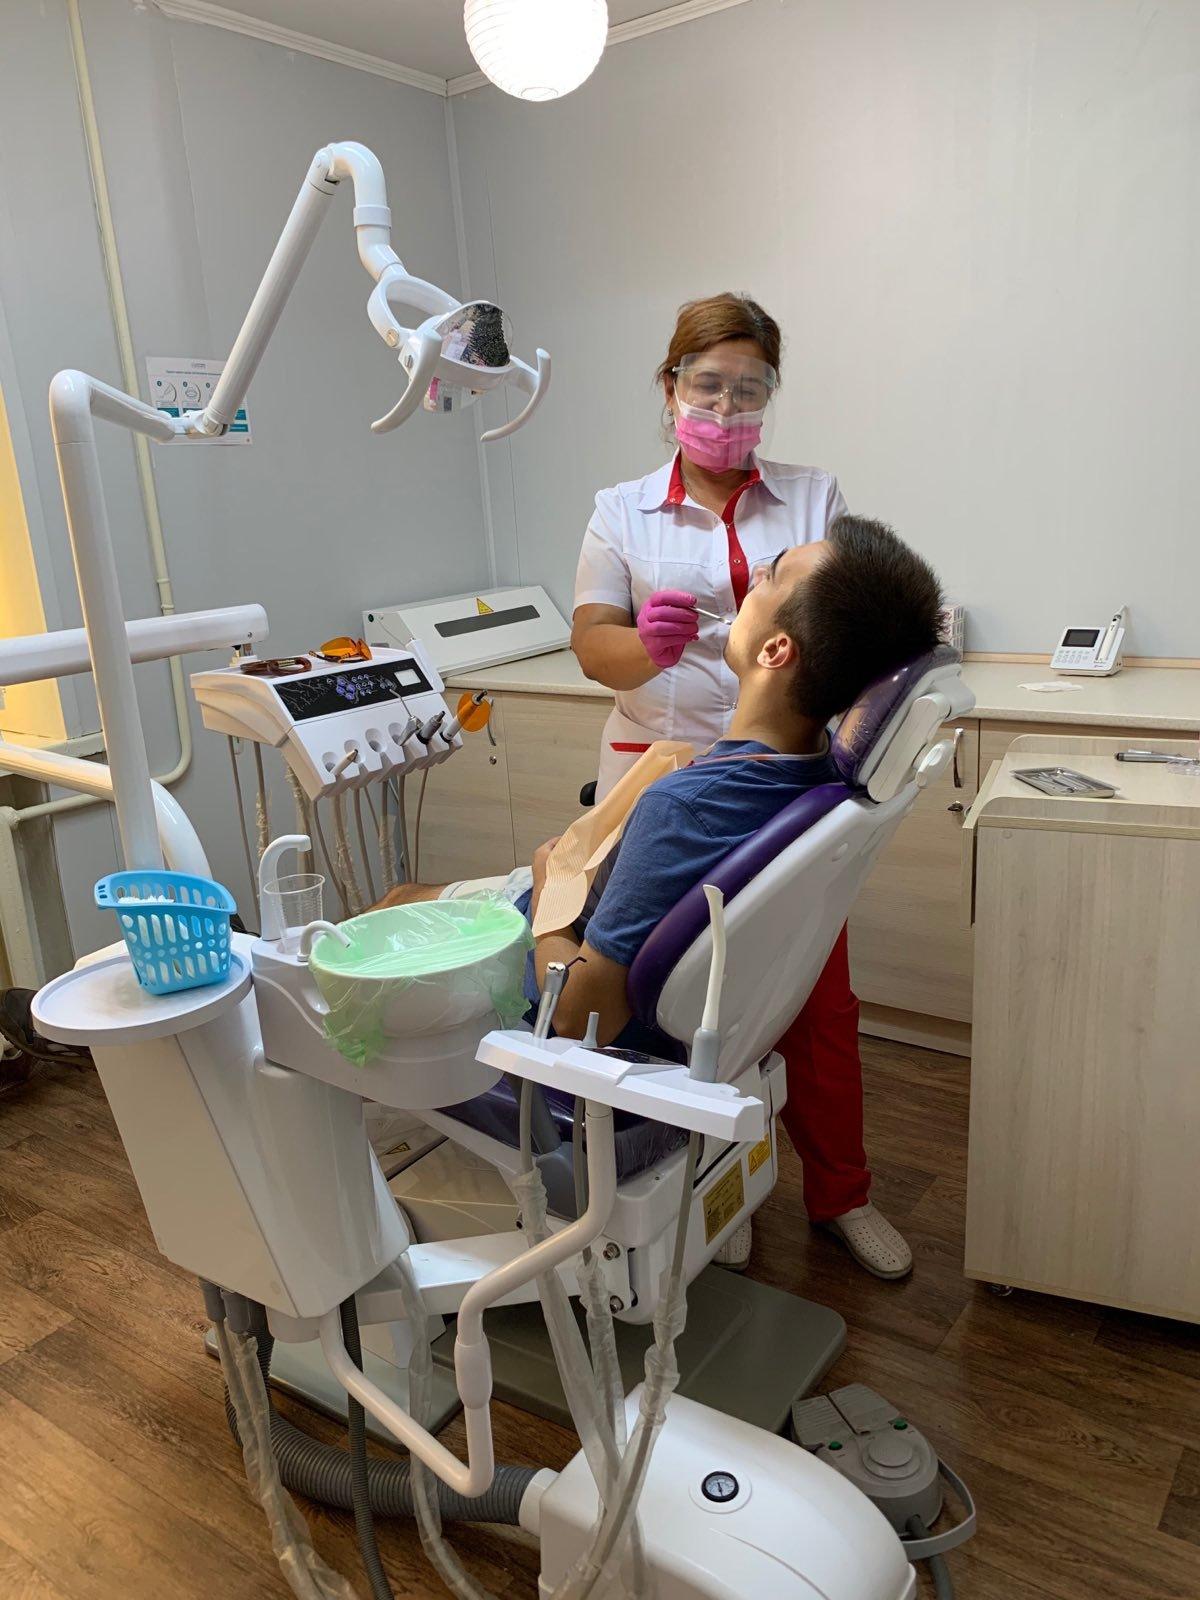 Стоматологии Днепра, где найти лучших специалистов и цены на услуги, фото-19